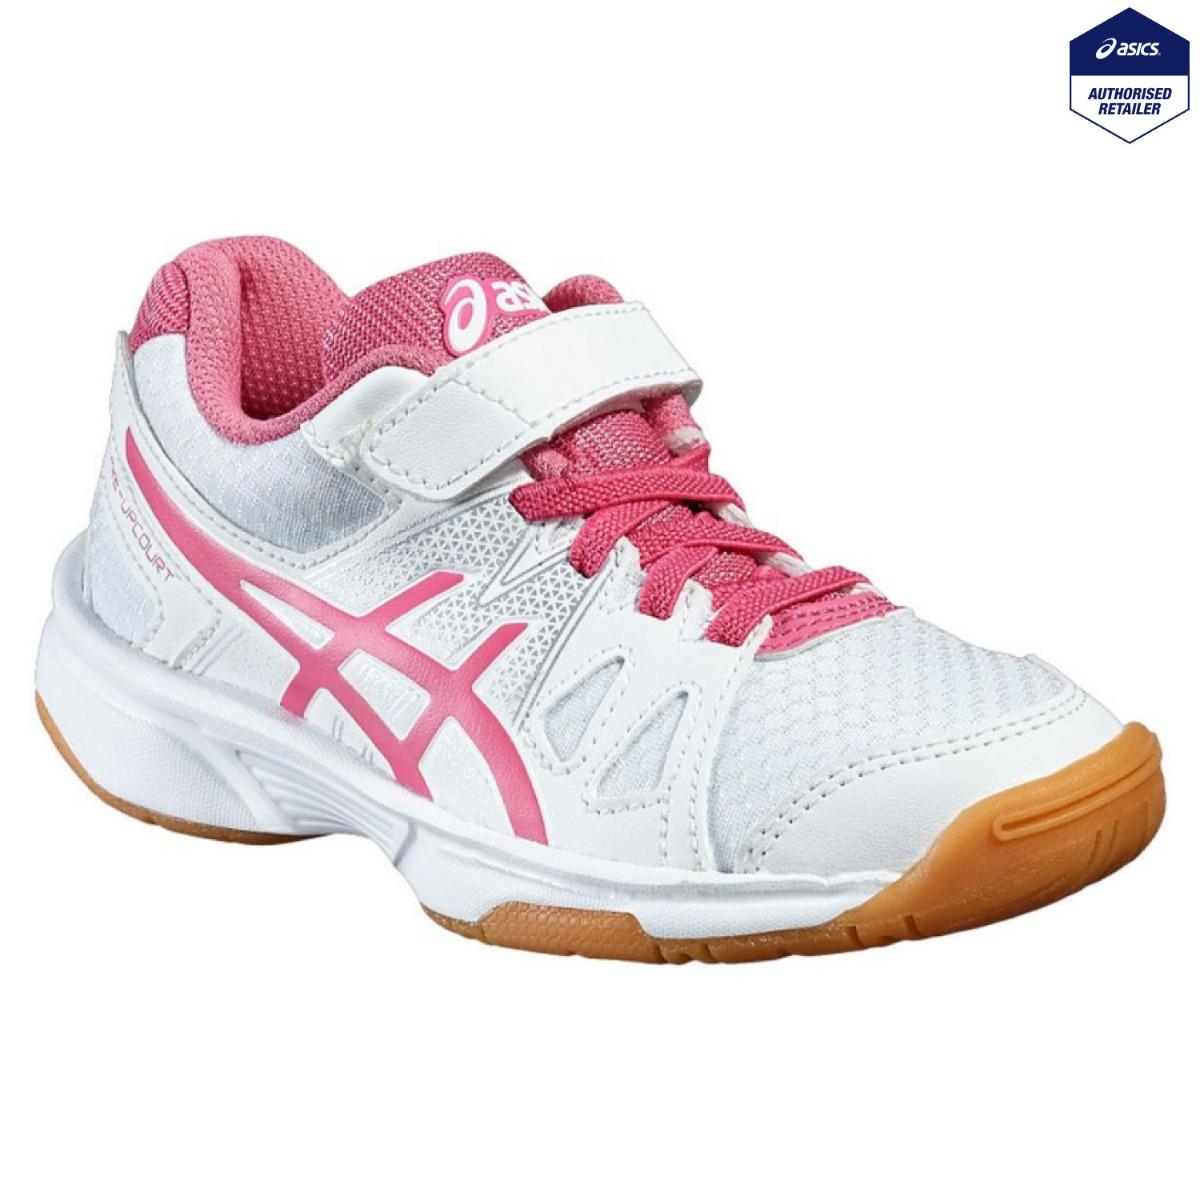 pas cher pour réduction ae665 87676 Asics Gel - Upcourt PS Kid's Shoes